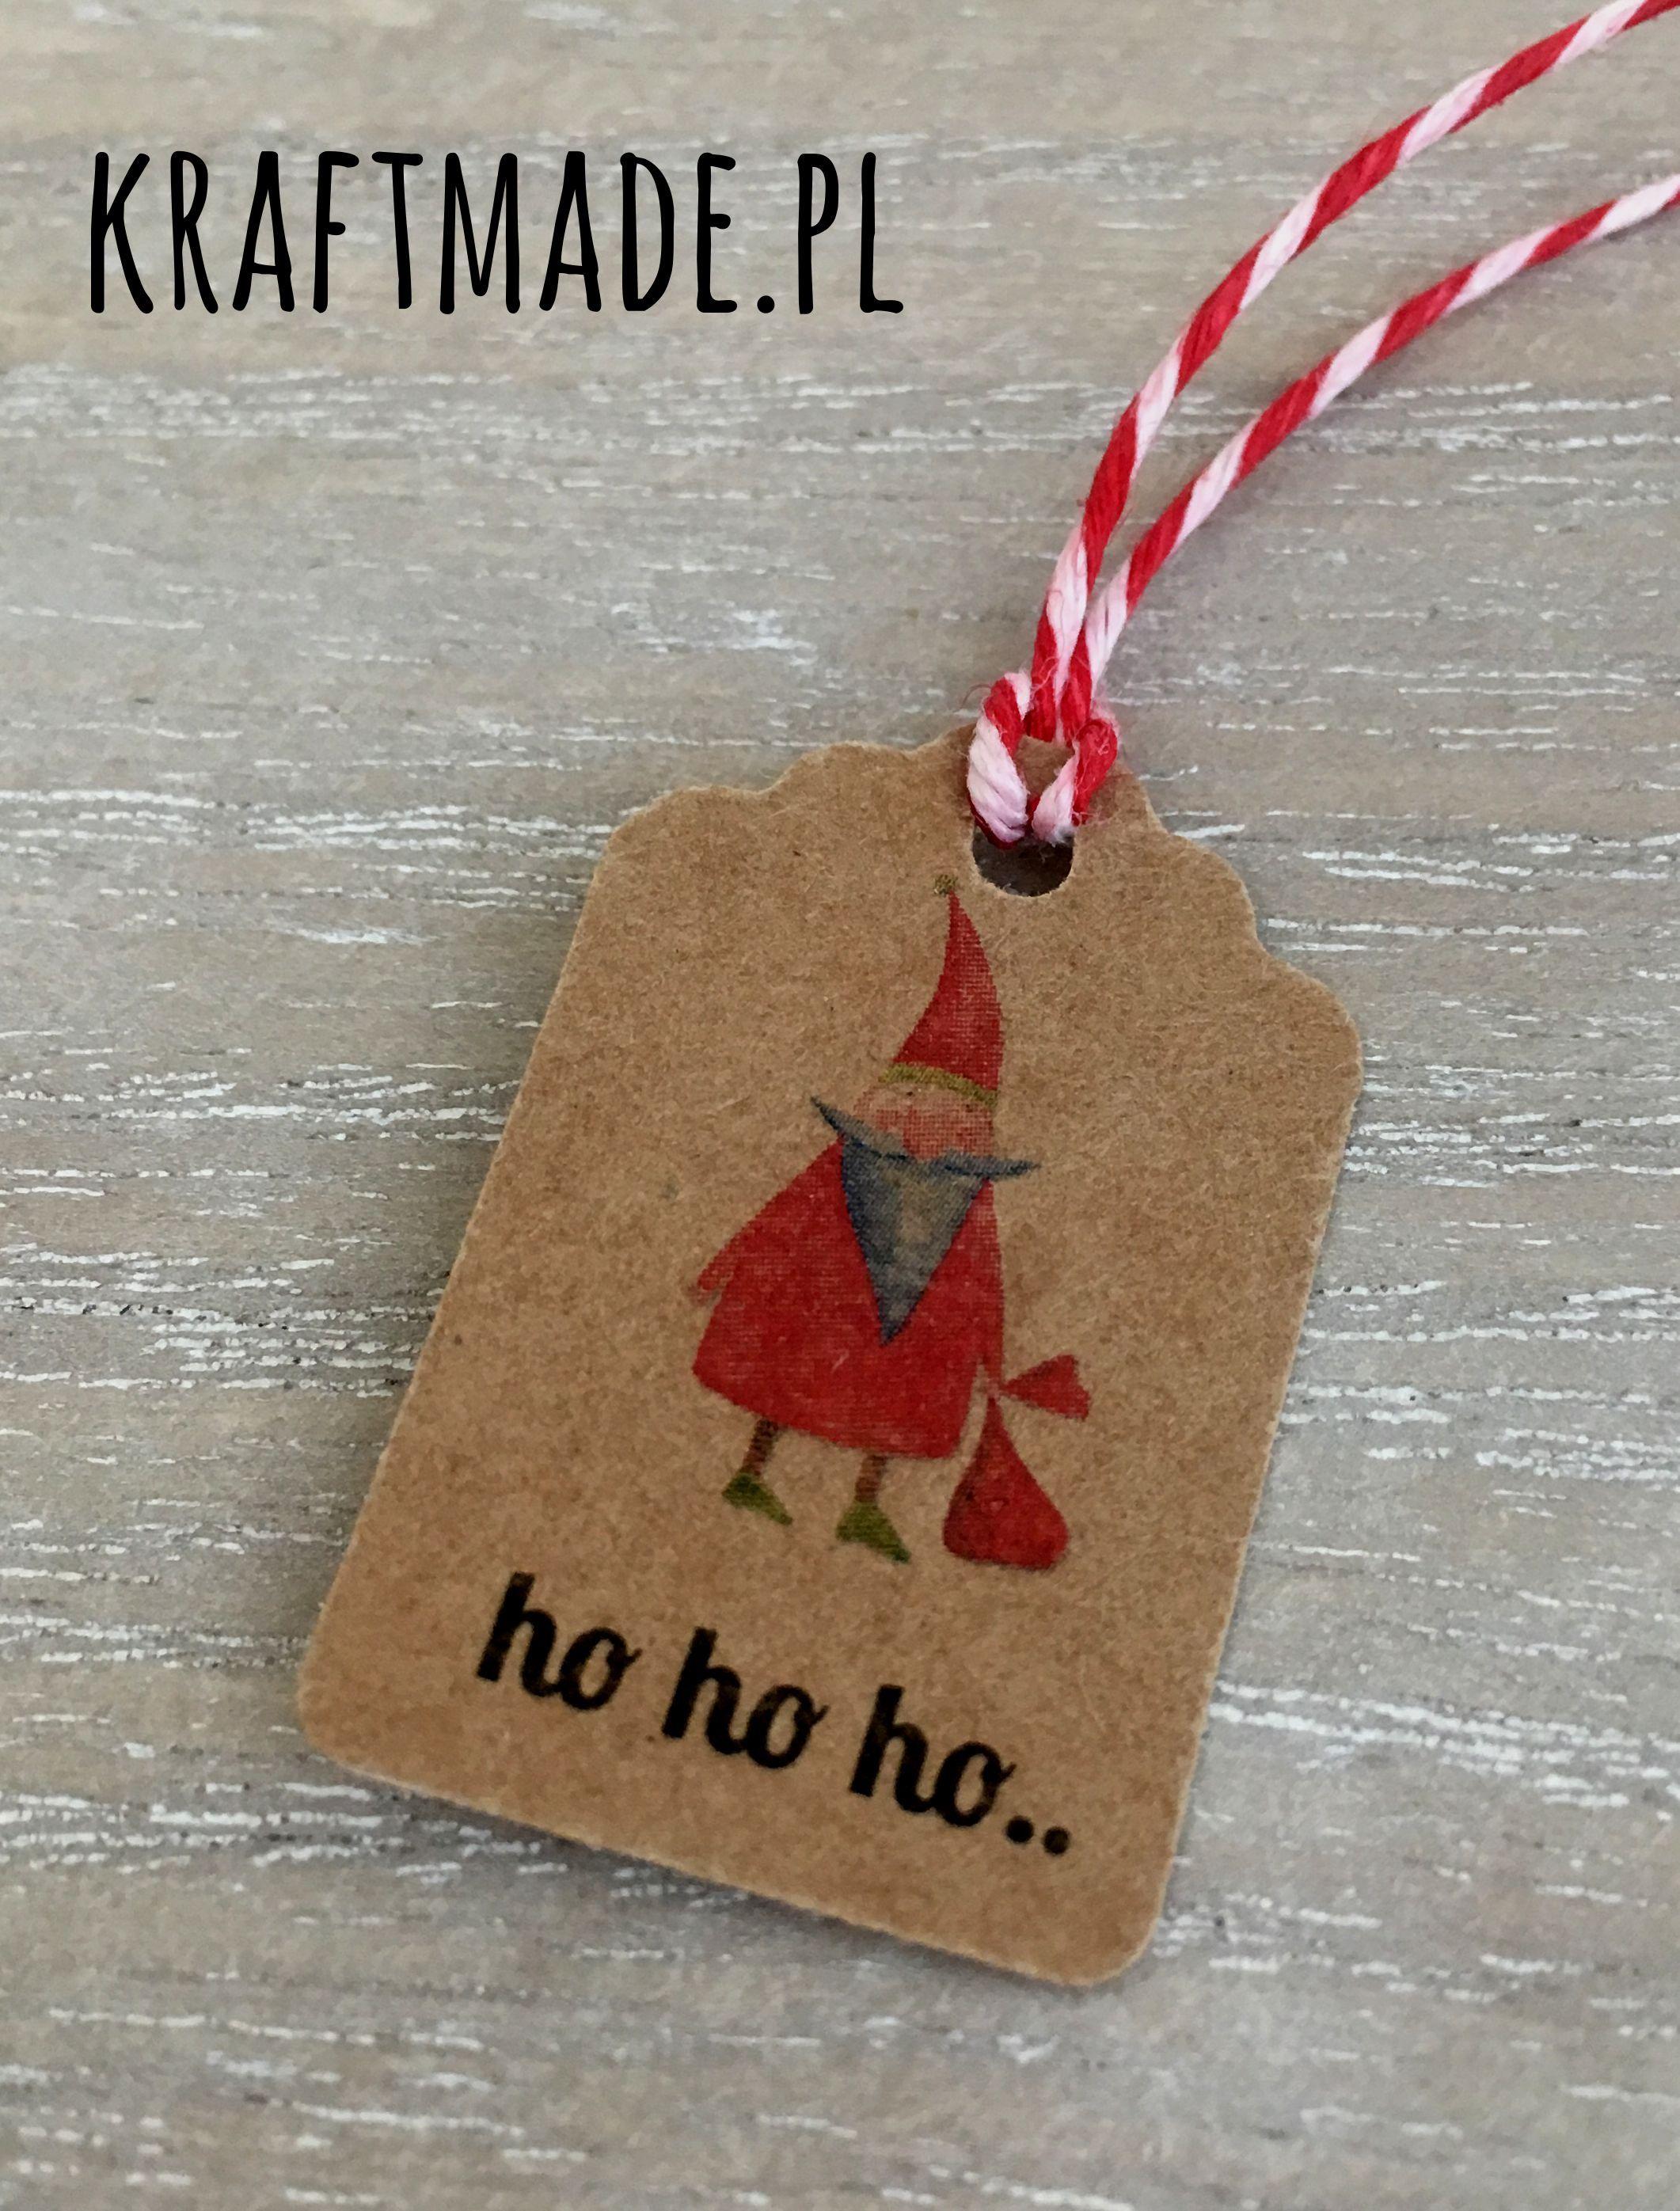 Etykiety Zawieszki 5 Szt Swiateczne Eko Kraft Hohoho Christmas Ornaments Novelty Christmas Holiday Decor